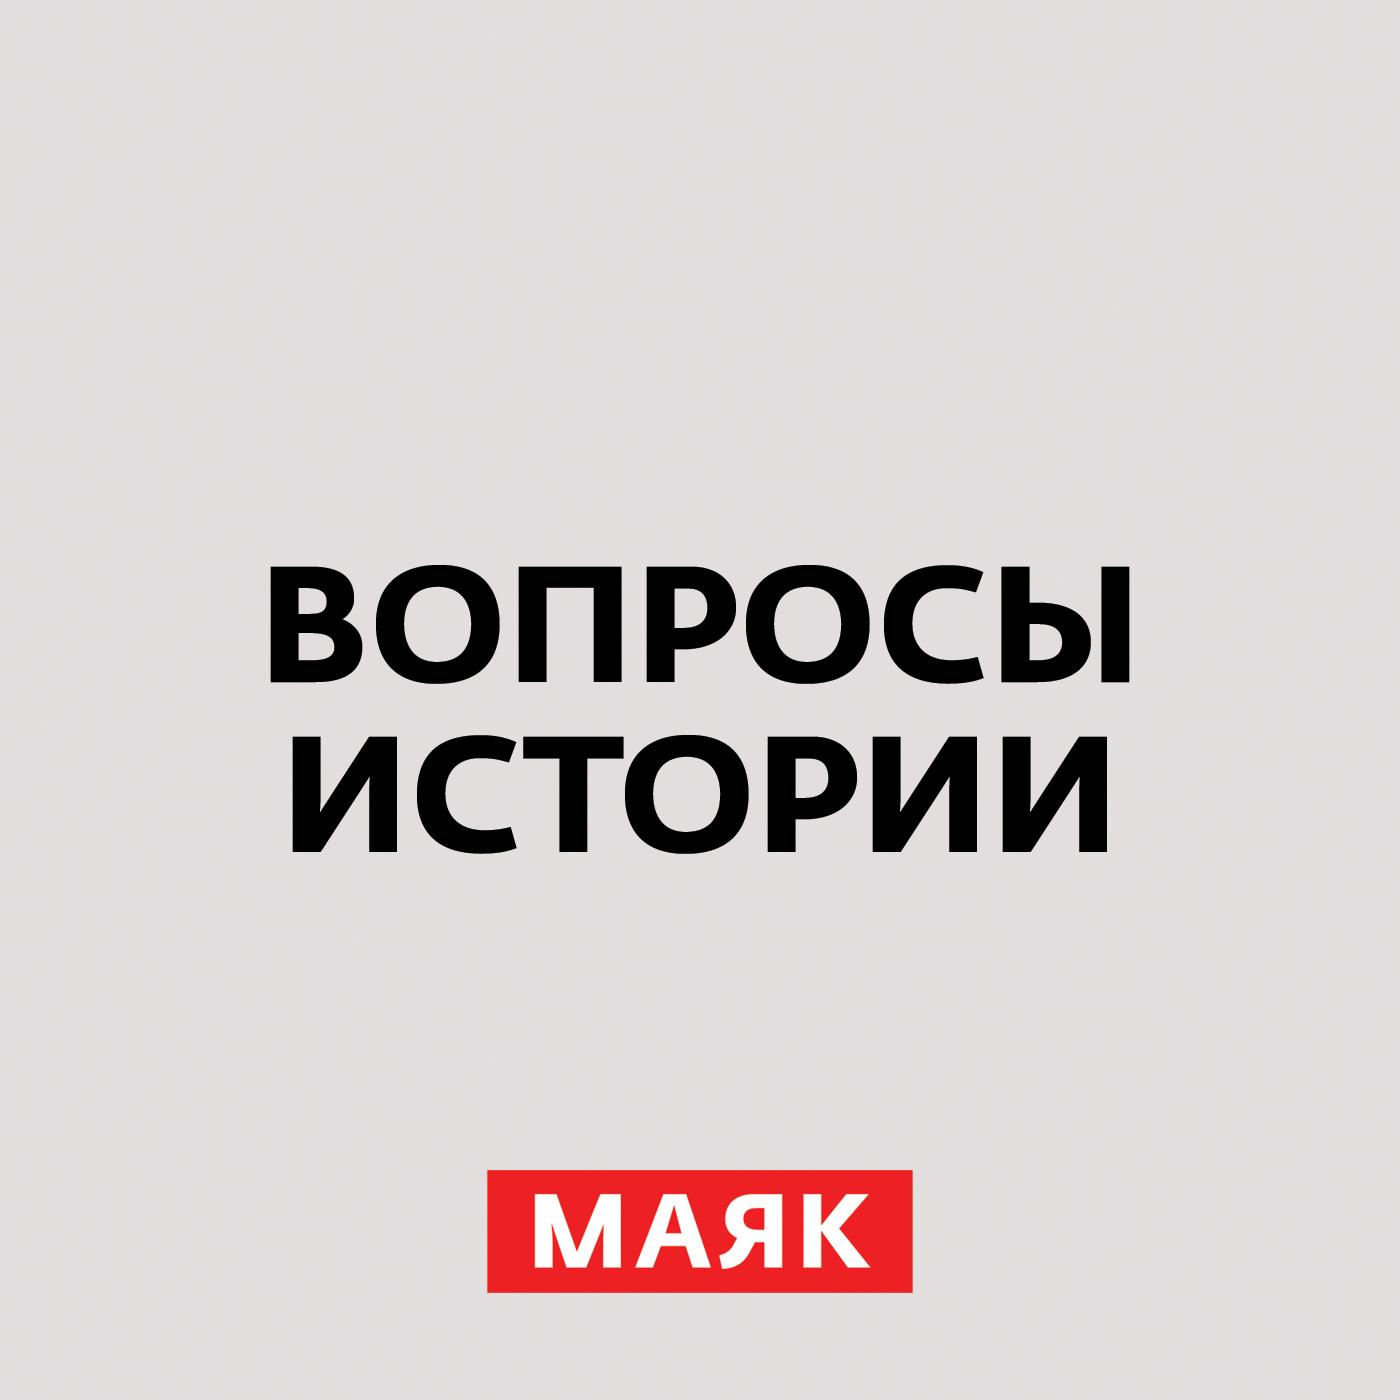 Андрей Светенко Судьба пленных в начале ВОВ. Часть 2 андрей светенко ленд лиз в годы вов мифы и реальность